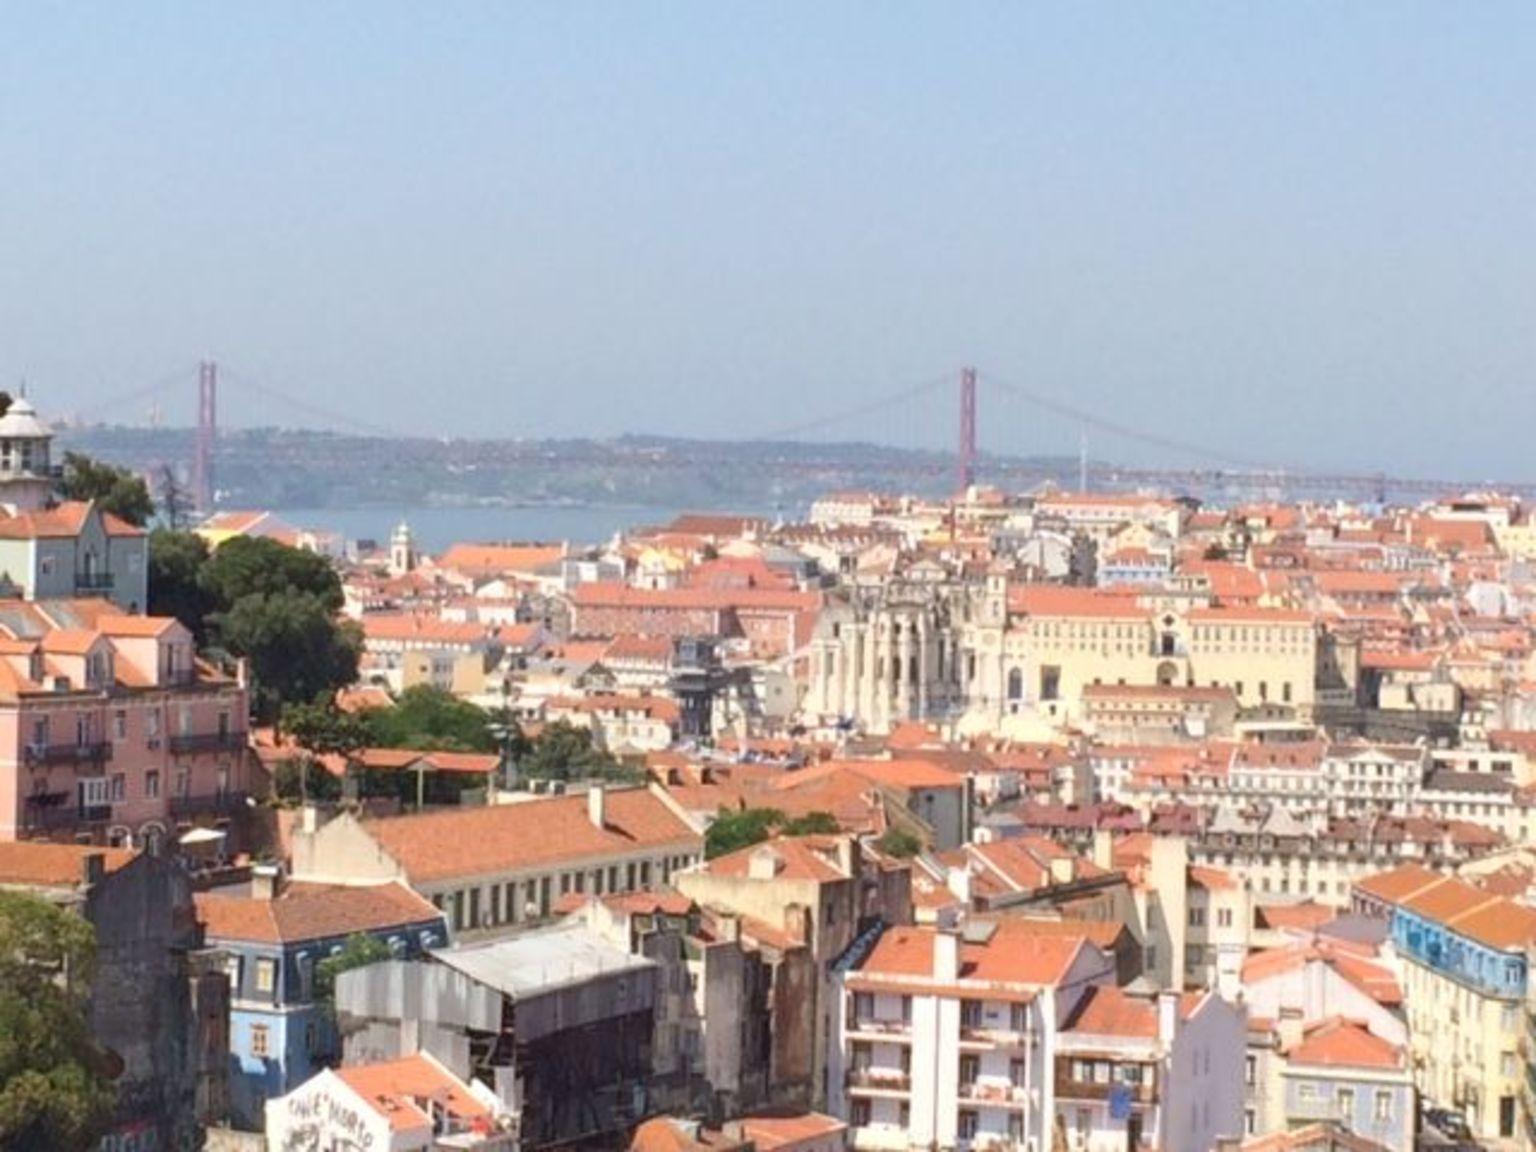 MÁS FOTOS, Excursión en grupo pequeño por la Lisboa medieval en segway